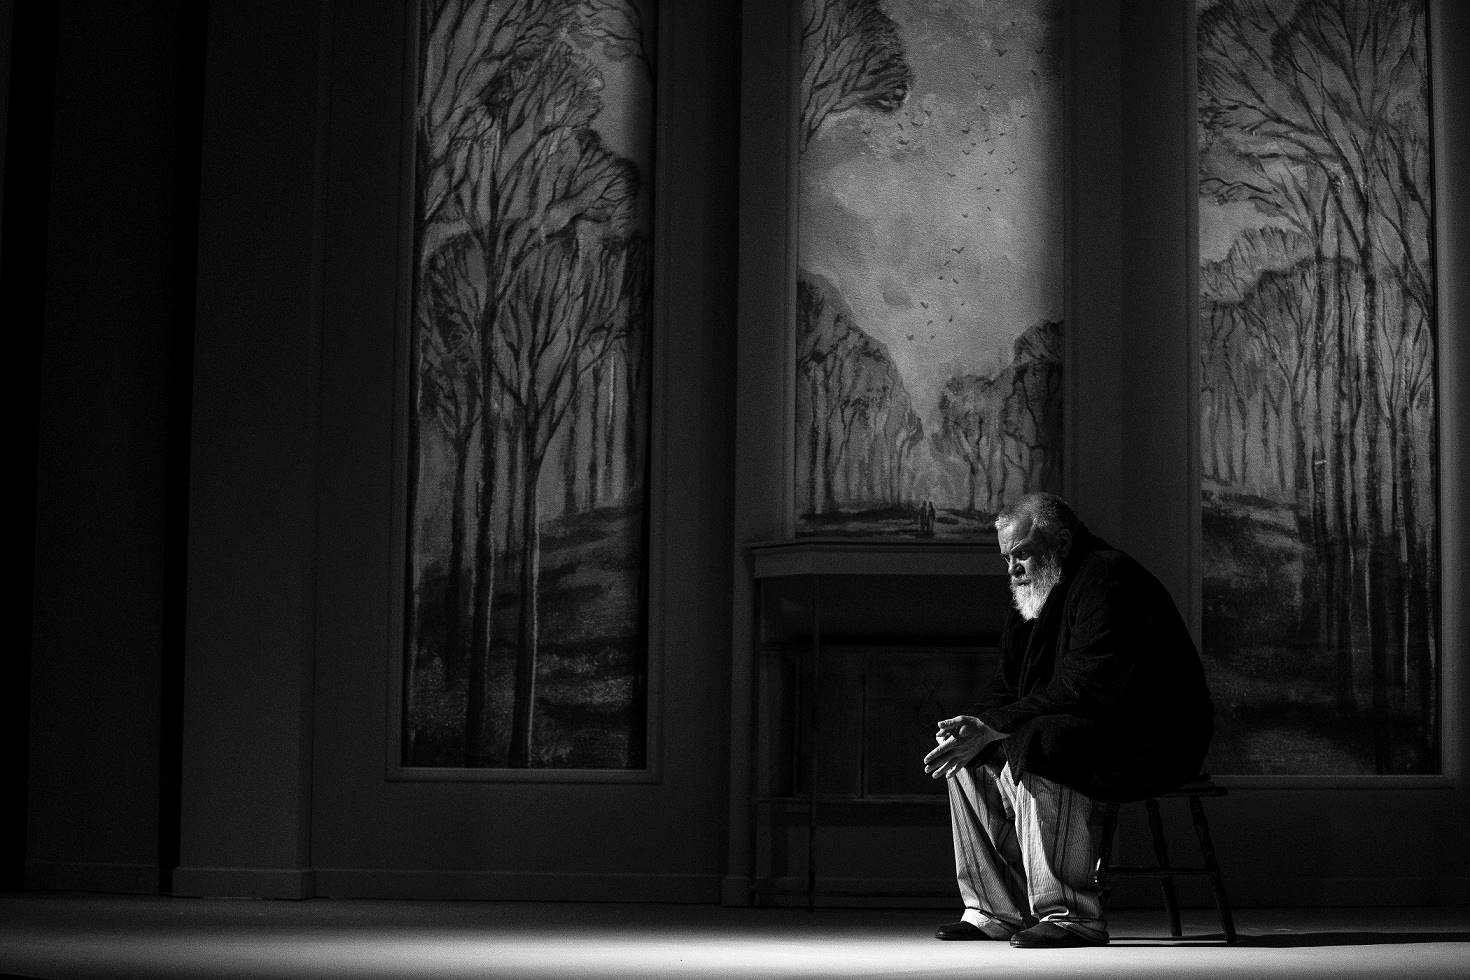 Владо Пенев Още един заслужил юбиляр намира място в класацията ни – Владо Пенев навърши 60 през октомври, и също отпразнува юбилея си на театрална сцена. Ченге, директор на болница и какви ли още не роли ни демонстрира Владо от малкия екран, но, все пак, най-голямото удоволствие е да наблюдаваме как таланта му завладява всяка театрална сцена, която заслужава да се прегърне с енергията му. снимка: PRESS